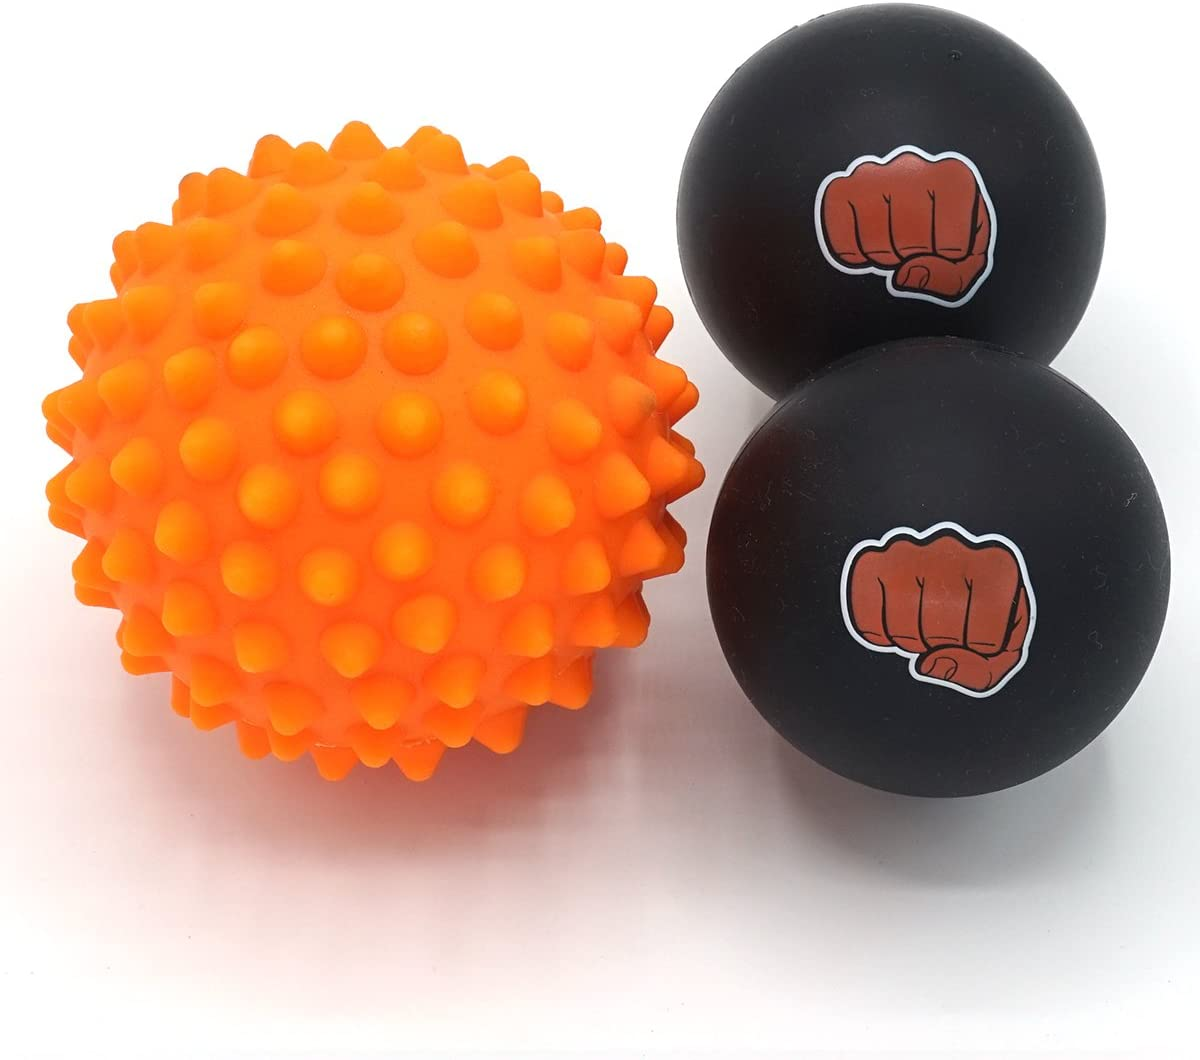 Kit de boules de massage pour athlètes - Deux (2) balles en caoutchouc solide + 1 boule de massothérapie des points gâchettes à picots souples + un sac de transport très pratique